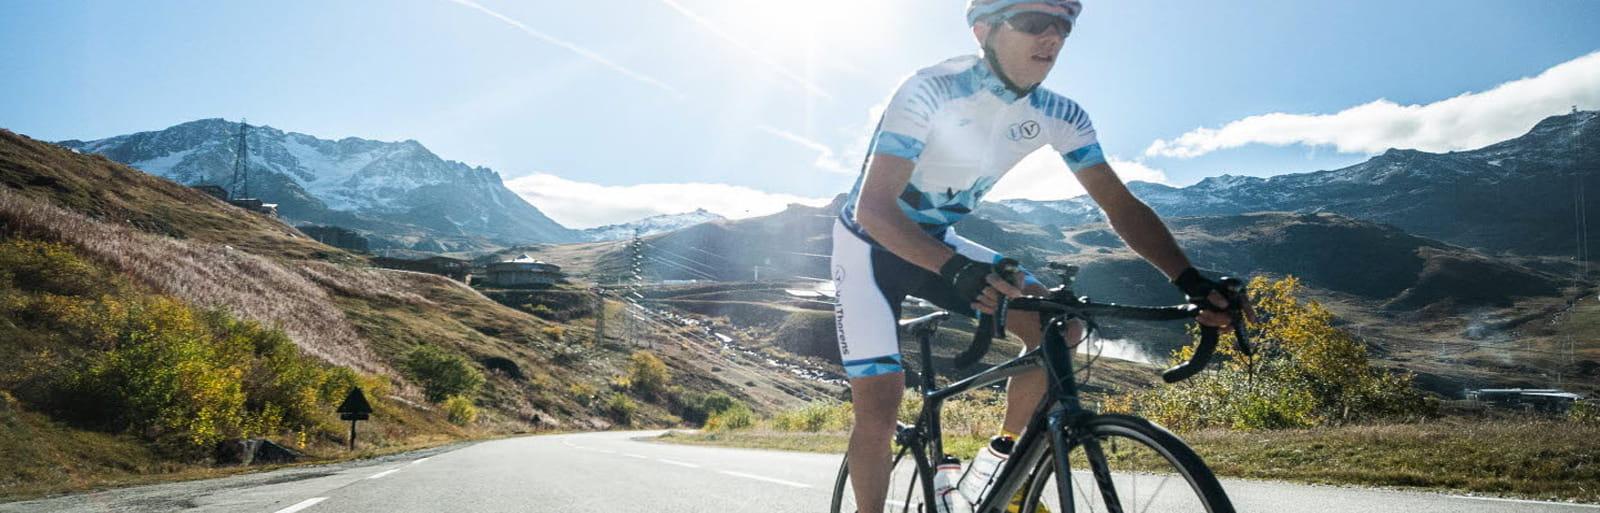 Réservez votre Stage Cycliste Pro